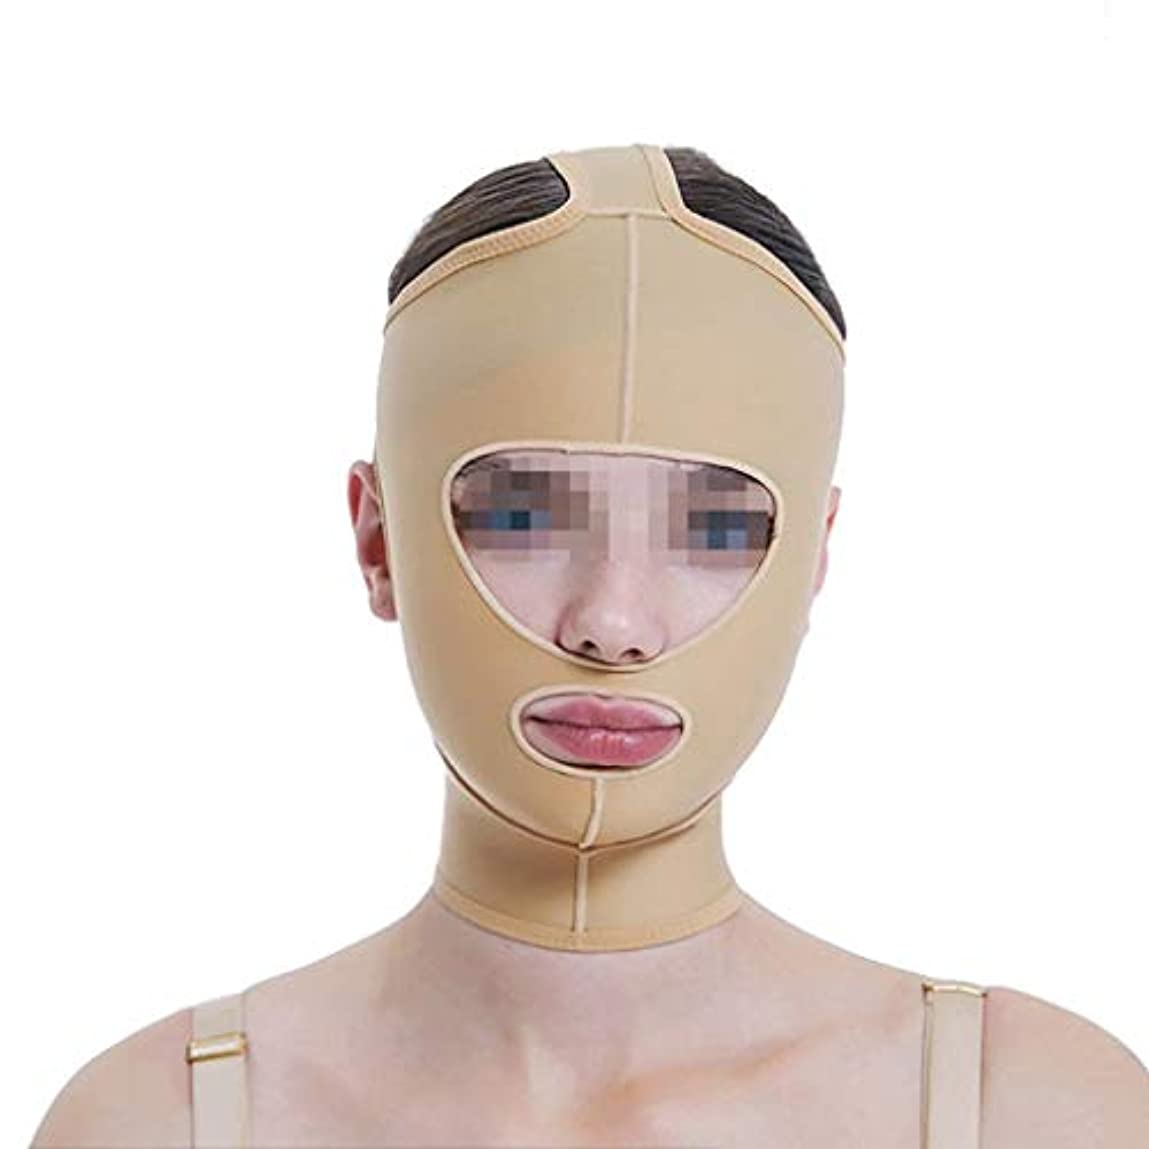 骨折悲鳴軽蔑するフェイスリフトマスク、ラインカービングフェイスエラスティックセットシンダブルチンVフェイスビームフェイスマルチサイズオプション(サイズ:M)